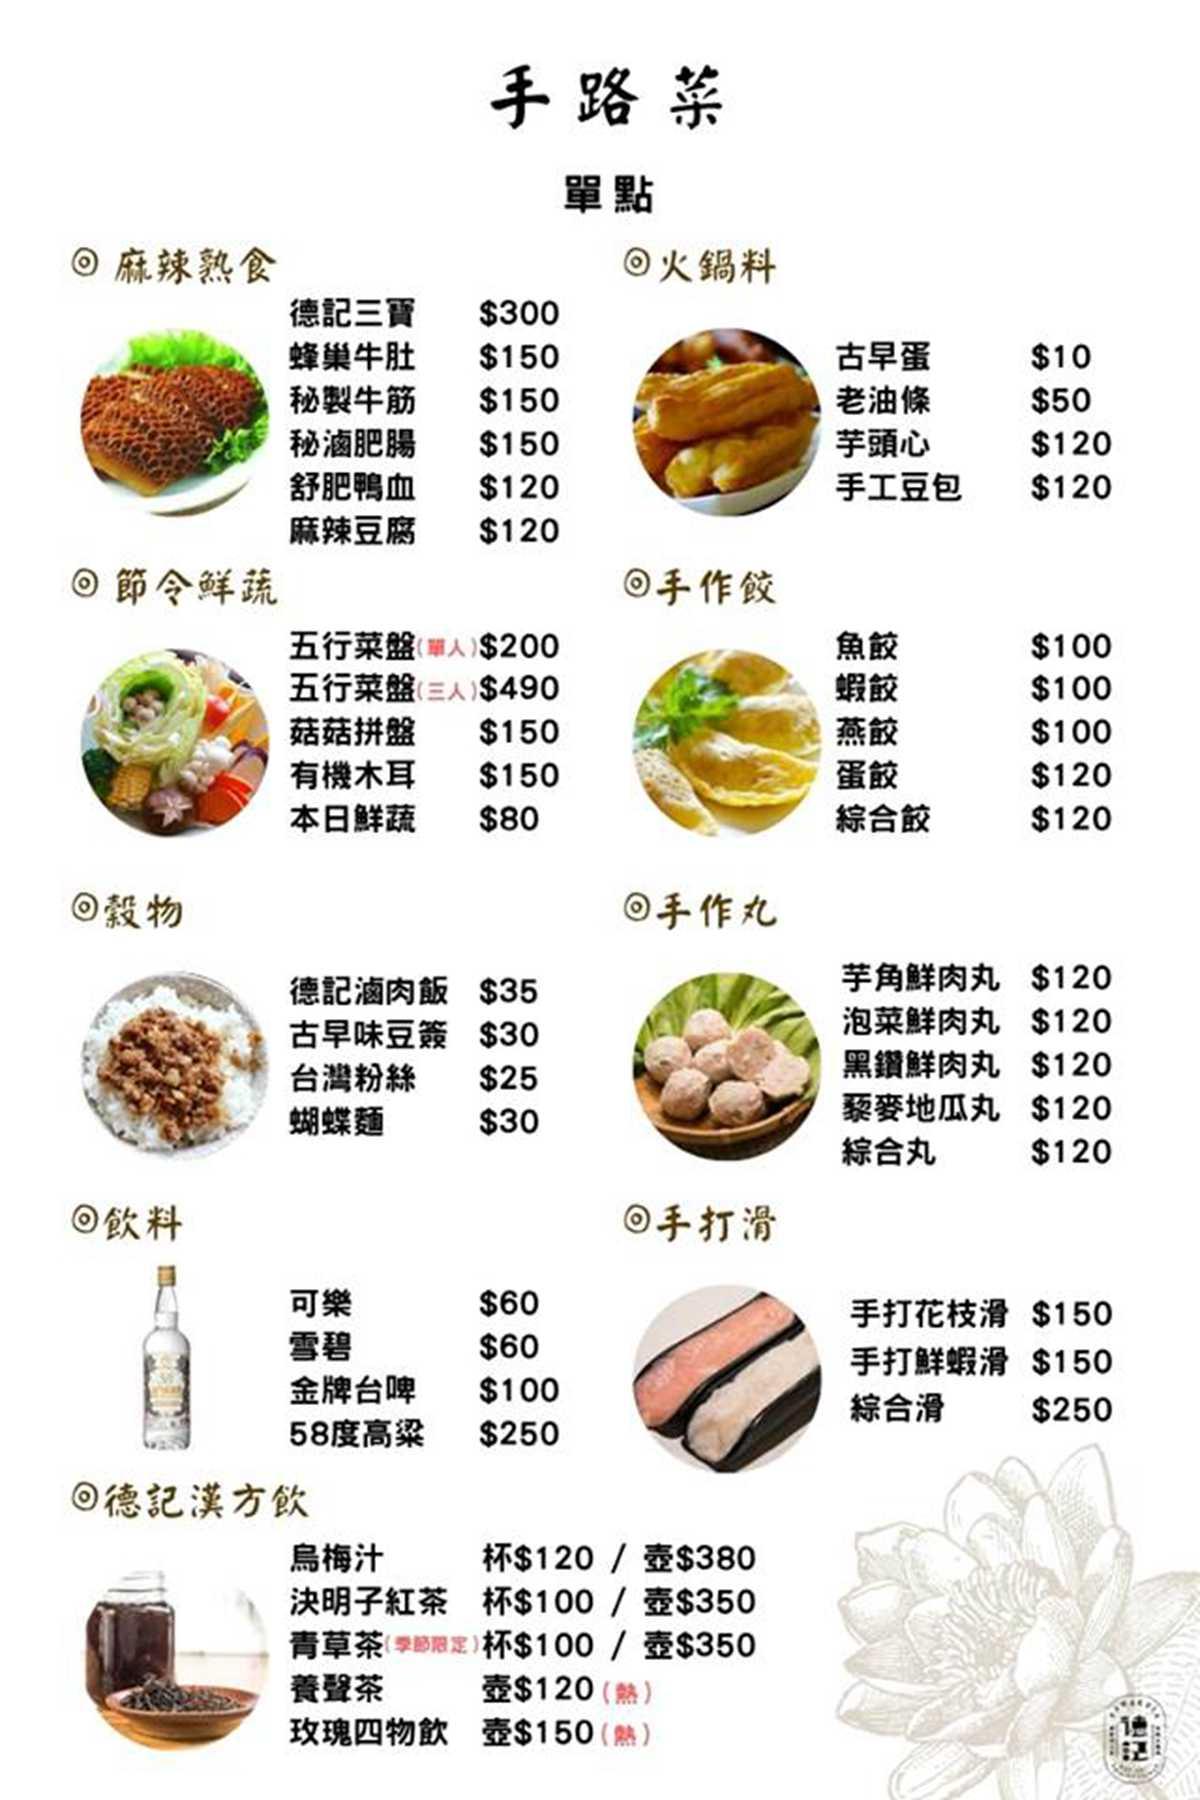 台南中藥養生火鍋推薦-德記中藥火鍋台南總店